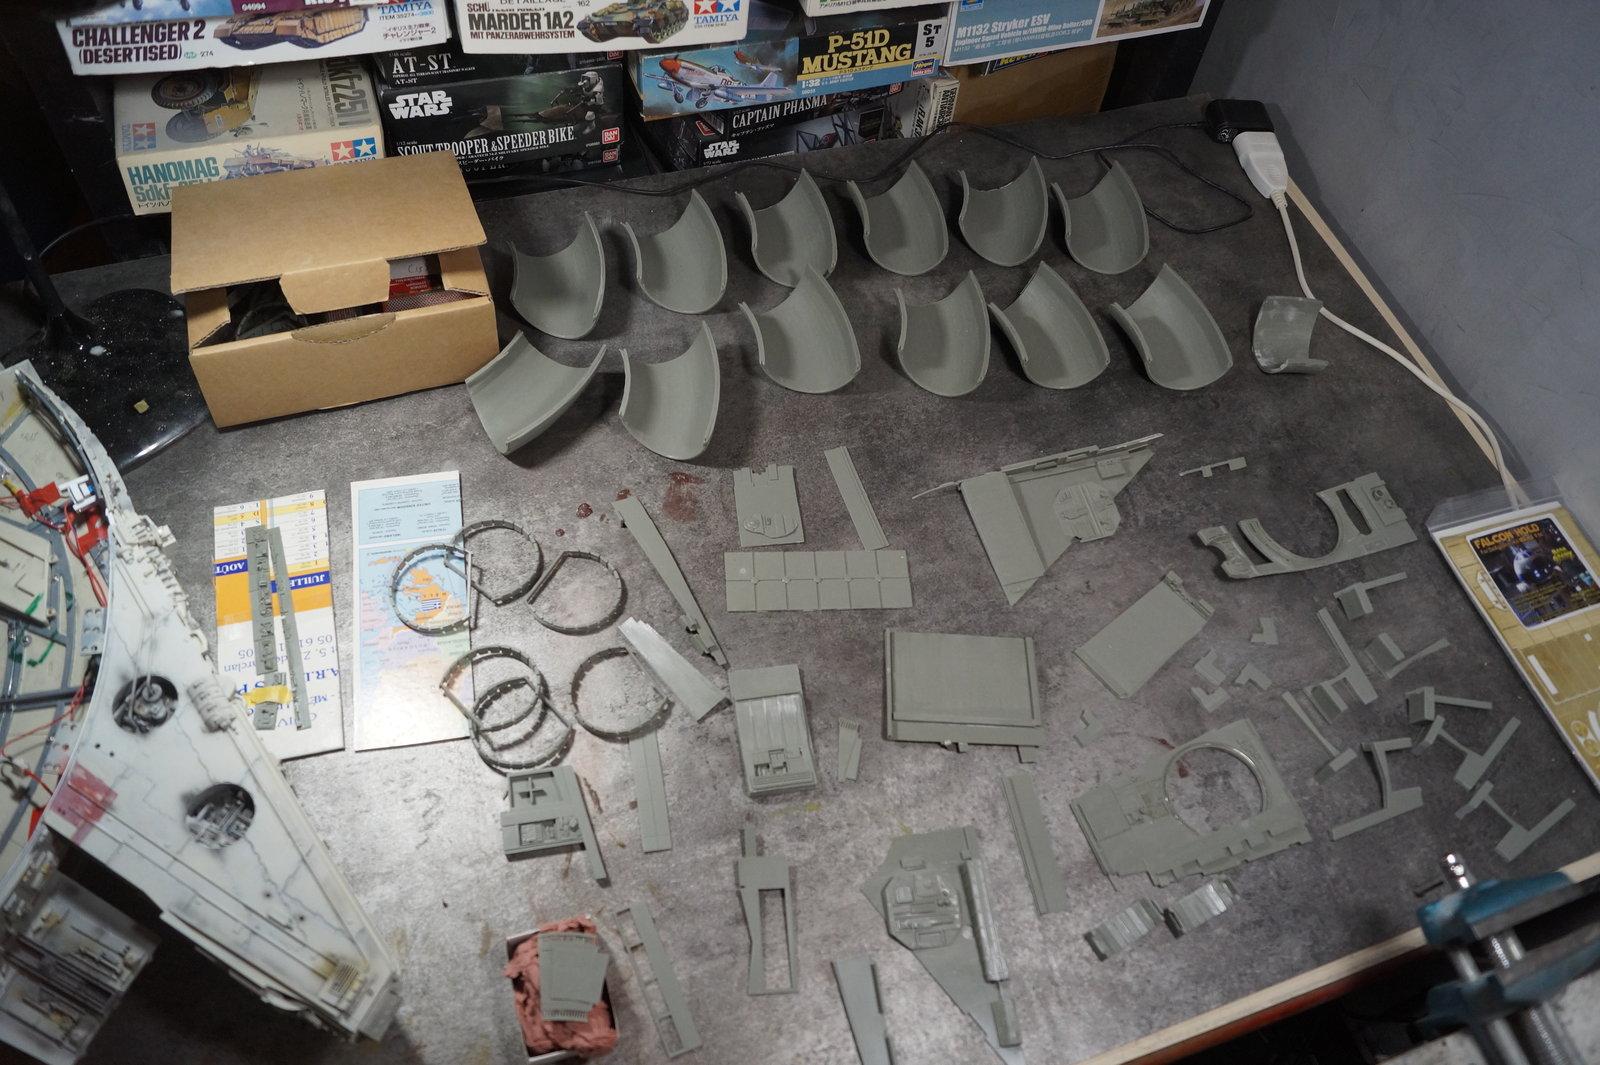 Faucon Millenium Altaya - phase 2 20030502063291612